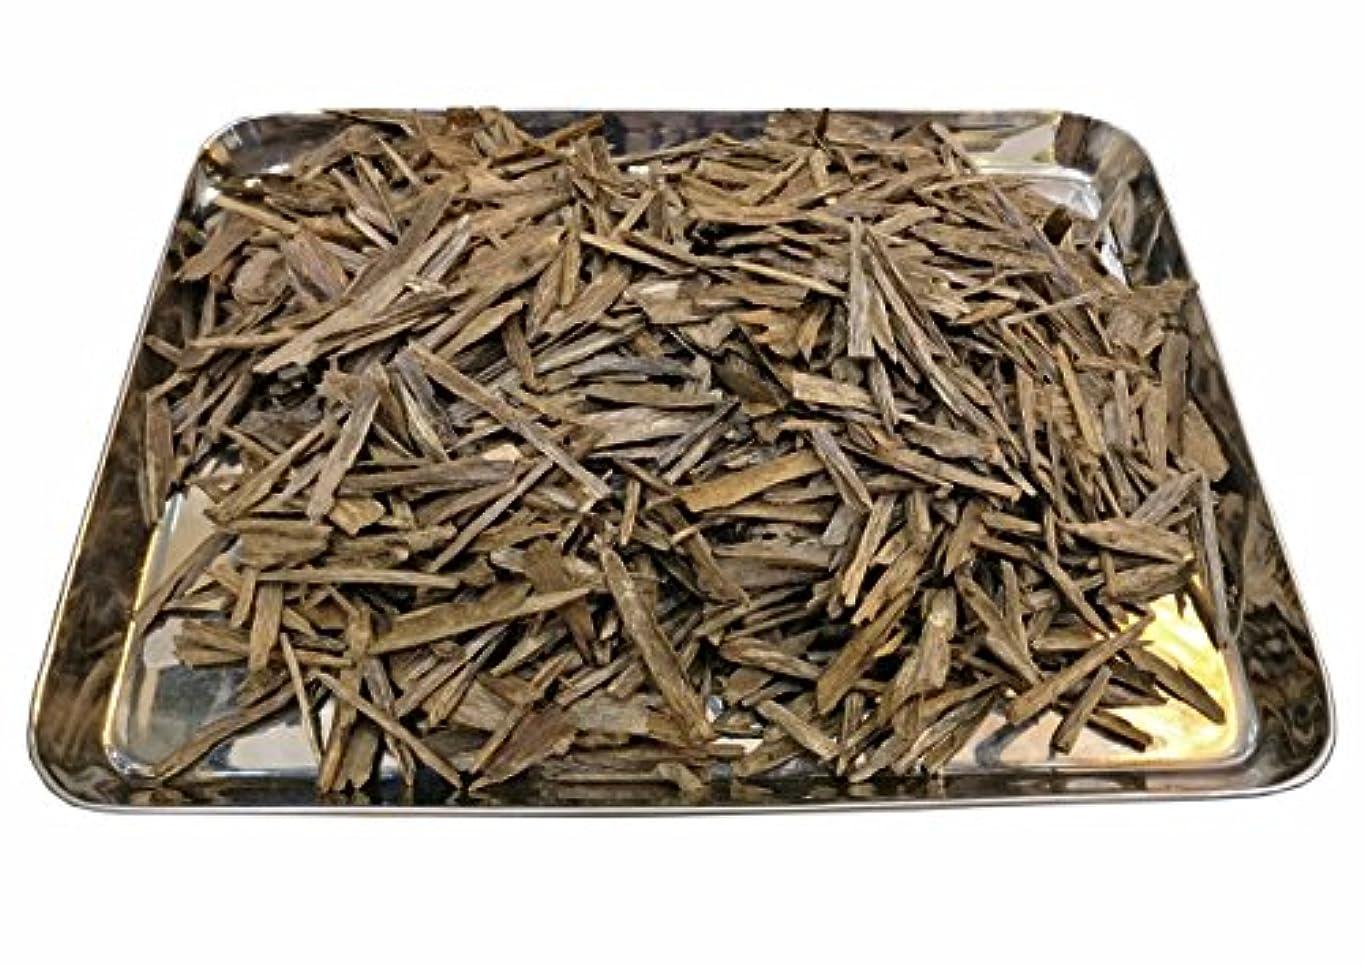 保全願うマーガレットミッチェルAgarwood /インドOudh 1 kg特別仕様Selected Pieces。Wholesale Lot。期間限定キャンペーン。